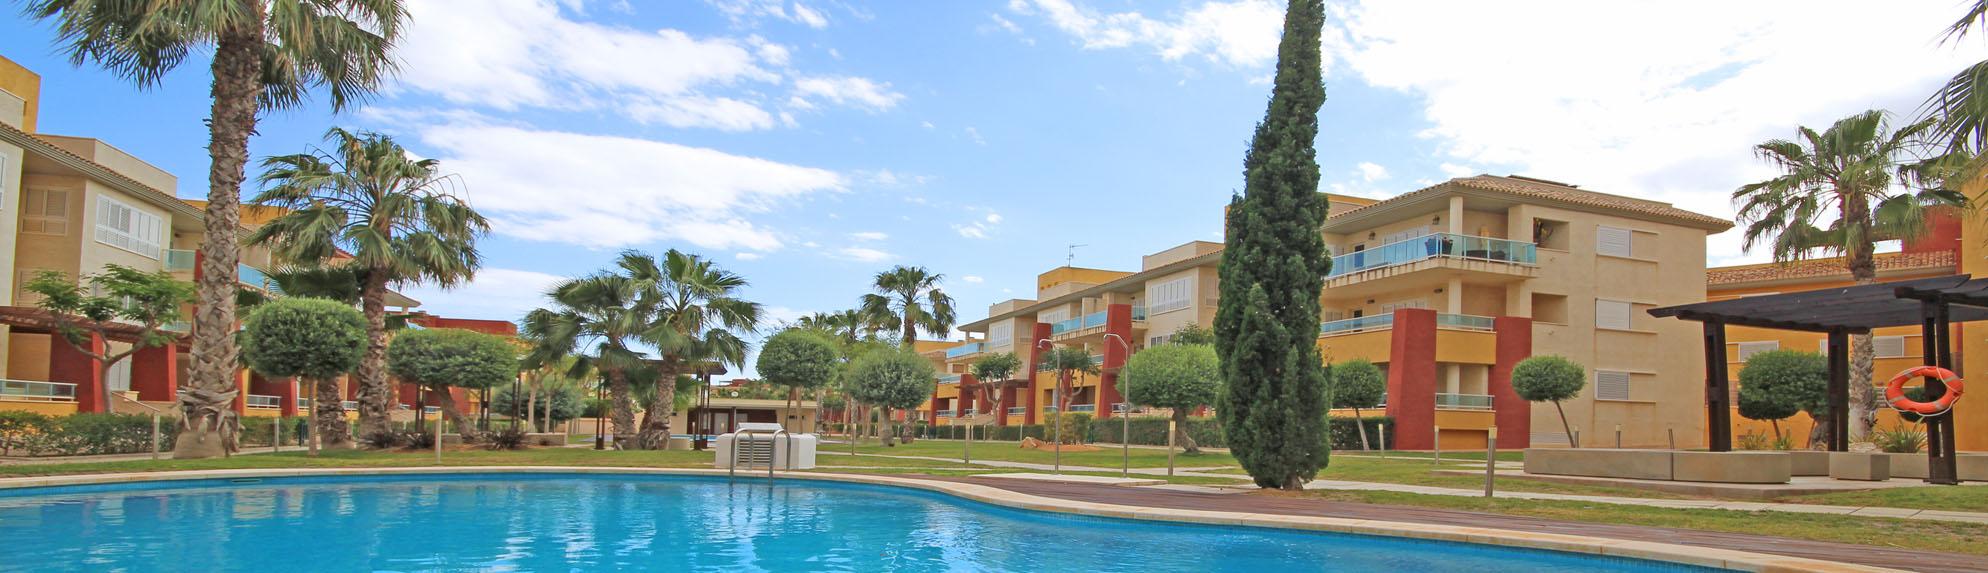 hacienda-del-alamo-more-properties-condado-inves-2